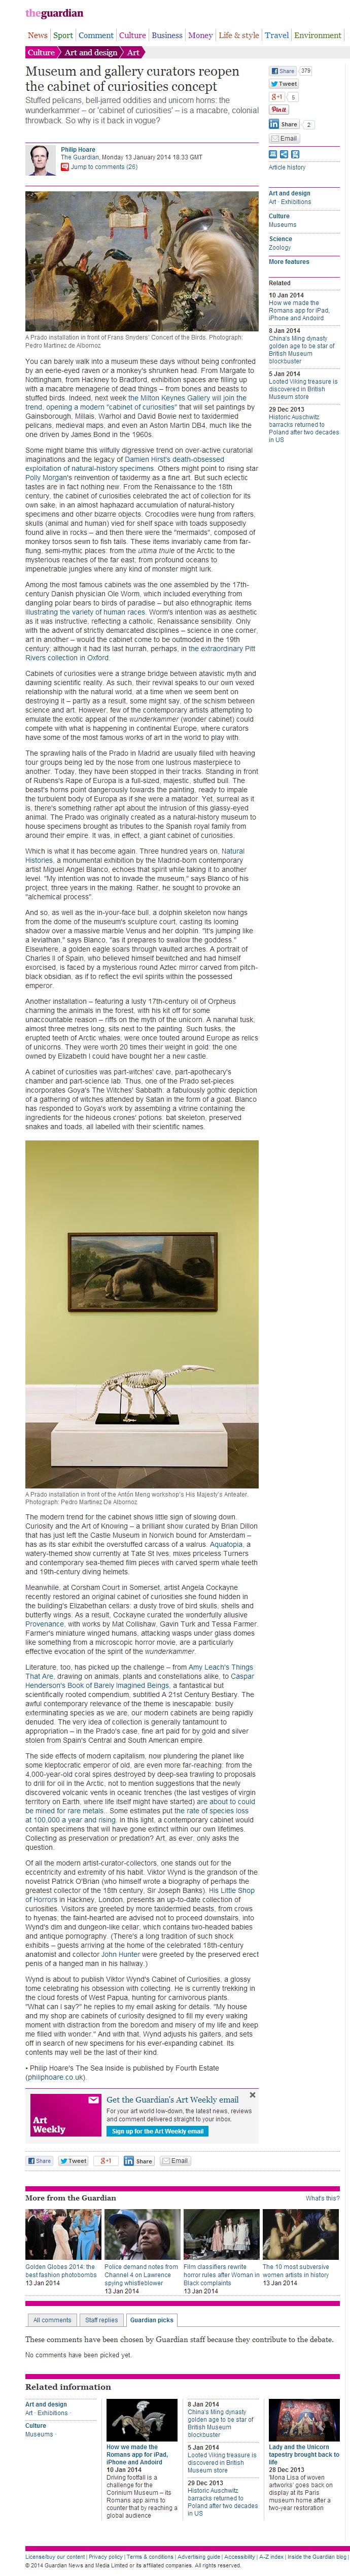 Philip Hoare, en The Guardian: gabinetes de maravillas en los museos